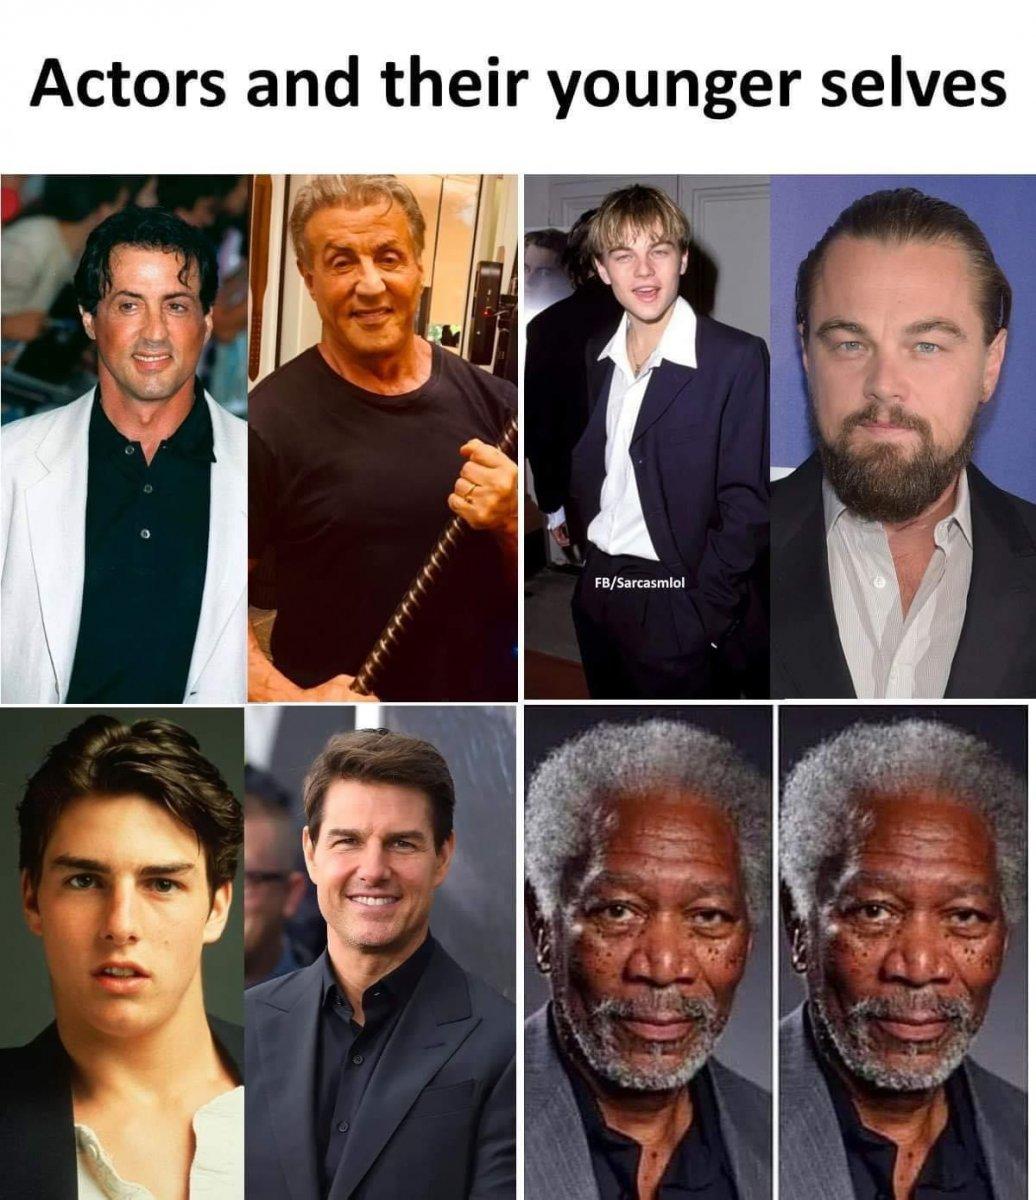 actors.jpeg